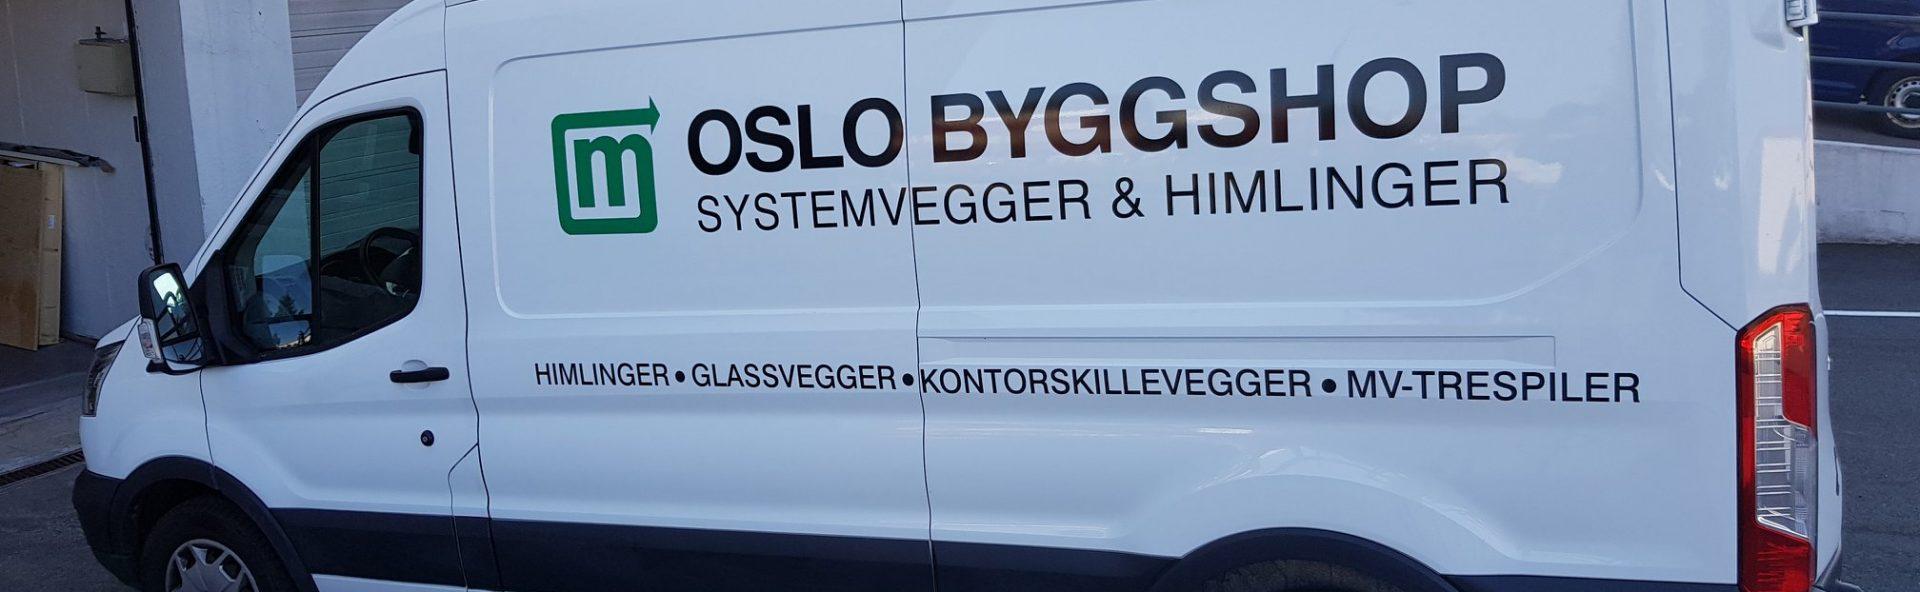 Oslo Byggshop bil